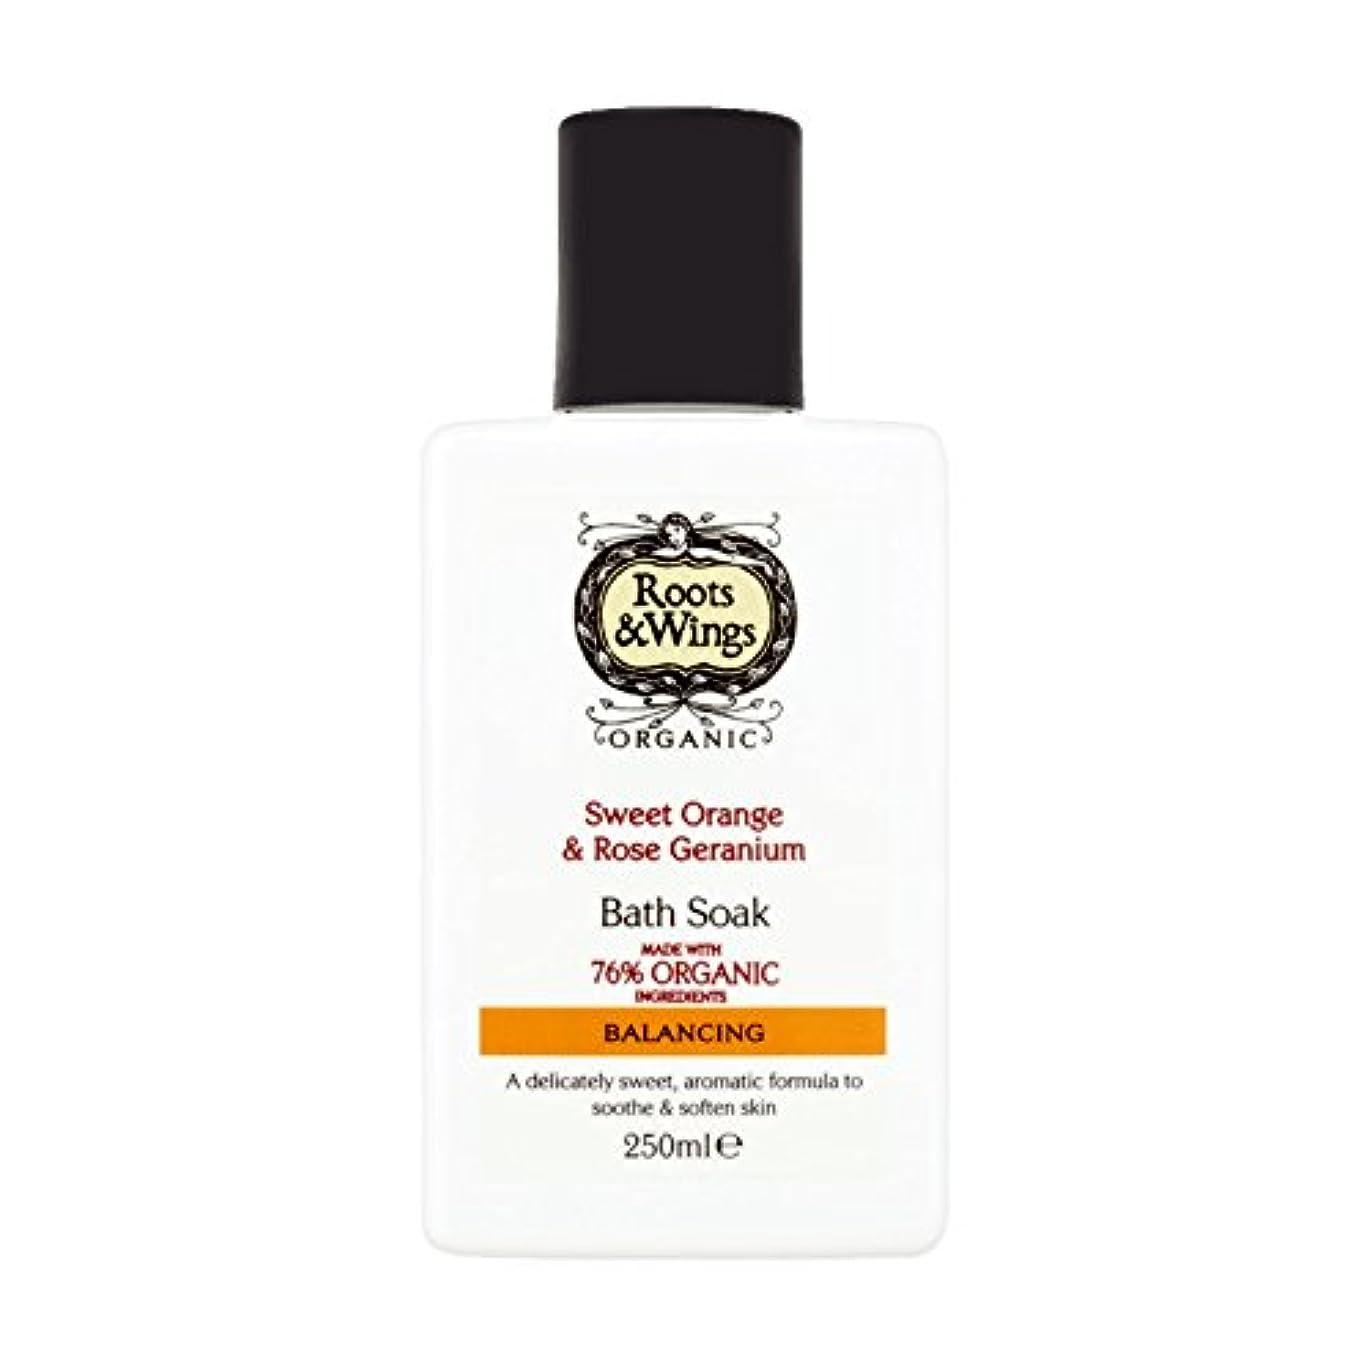 謝罪スピーチフレアRoots & Wings Bath Soak Sweet Orange & Rose Geranium 250ml (Pack of 2) - ルーツ&翼バス甘いオレンジを浸し&ゼラニウム250ミリリットルをバラ (x2) [並行輸入品]